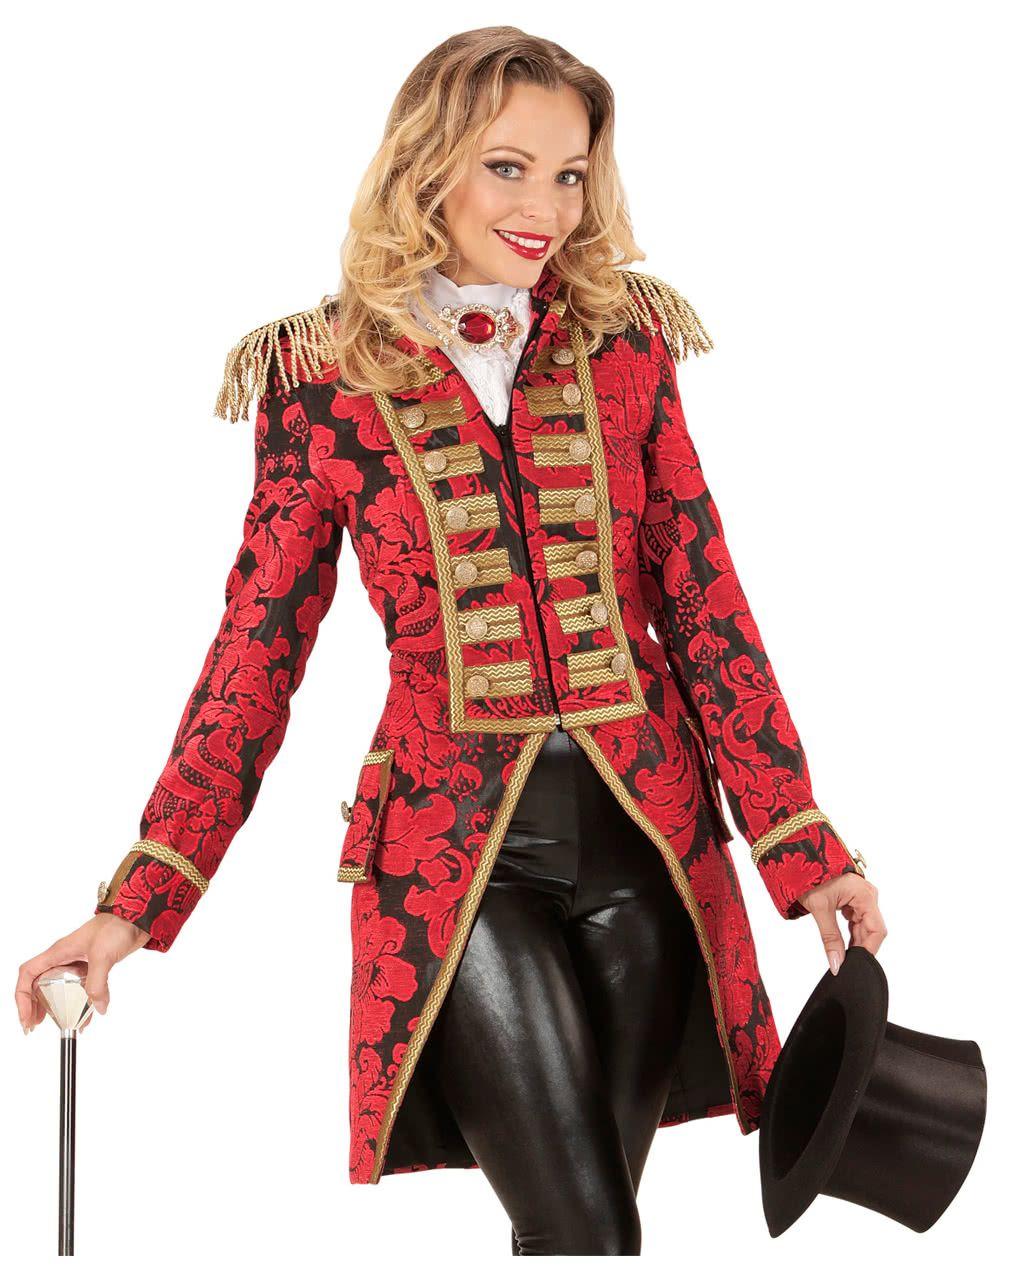 Rot goldener venezianischer Damenfrack   Karneval kostüm